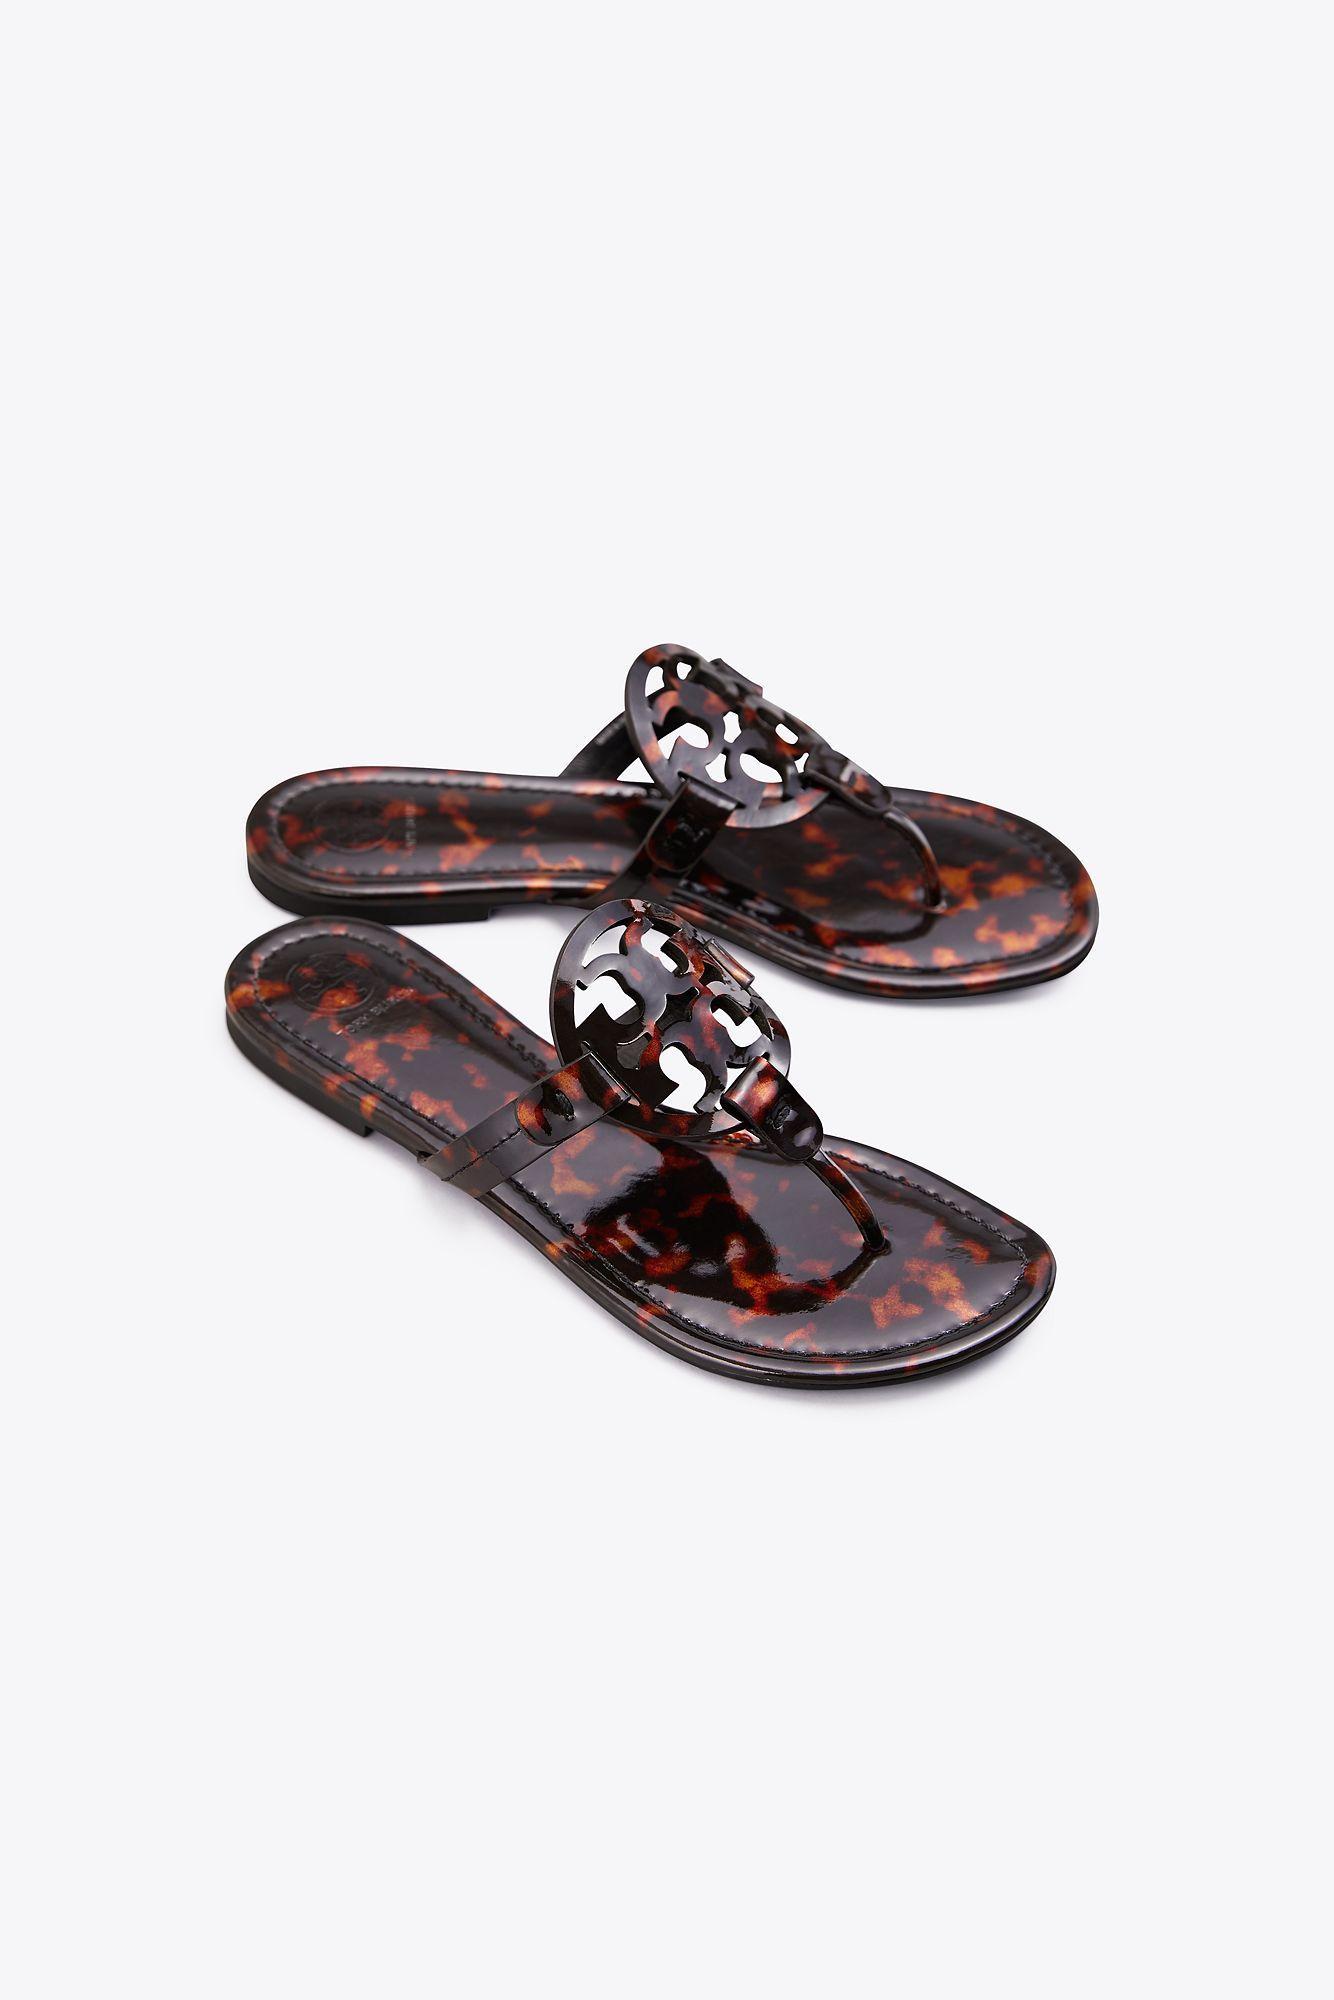 772e094d61e Lyst - Tory Burch Miller Sandals